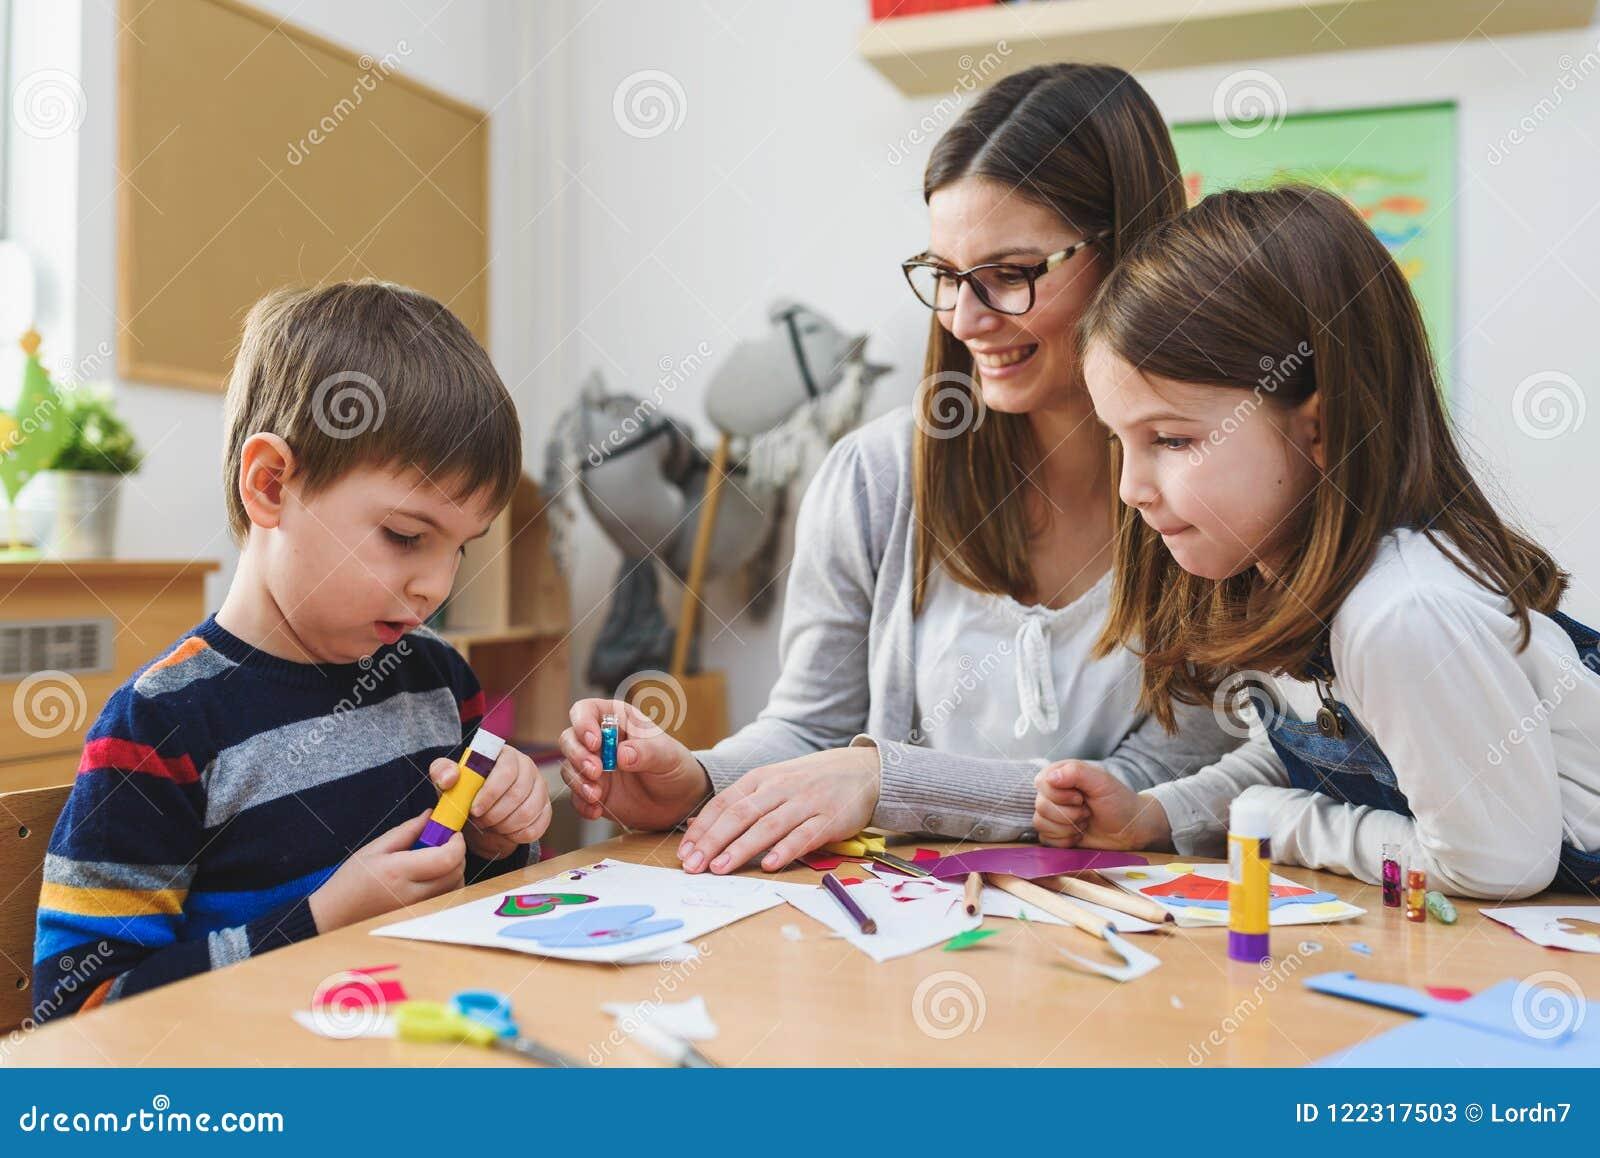 Professeur préscolaire avec des enfants au jardin d enfants - Art Class créatif